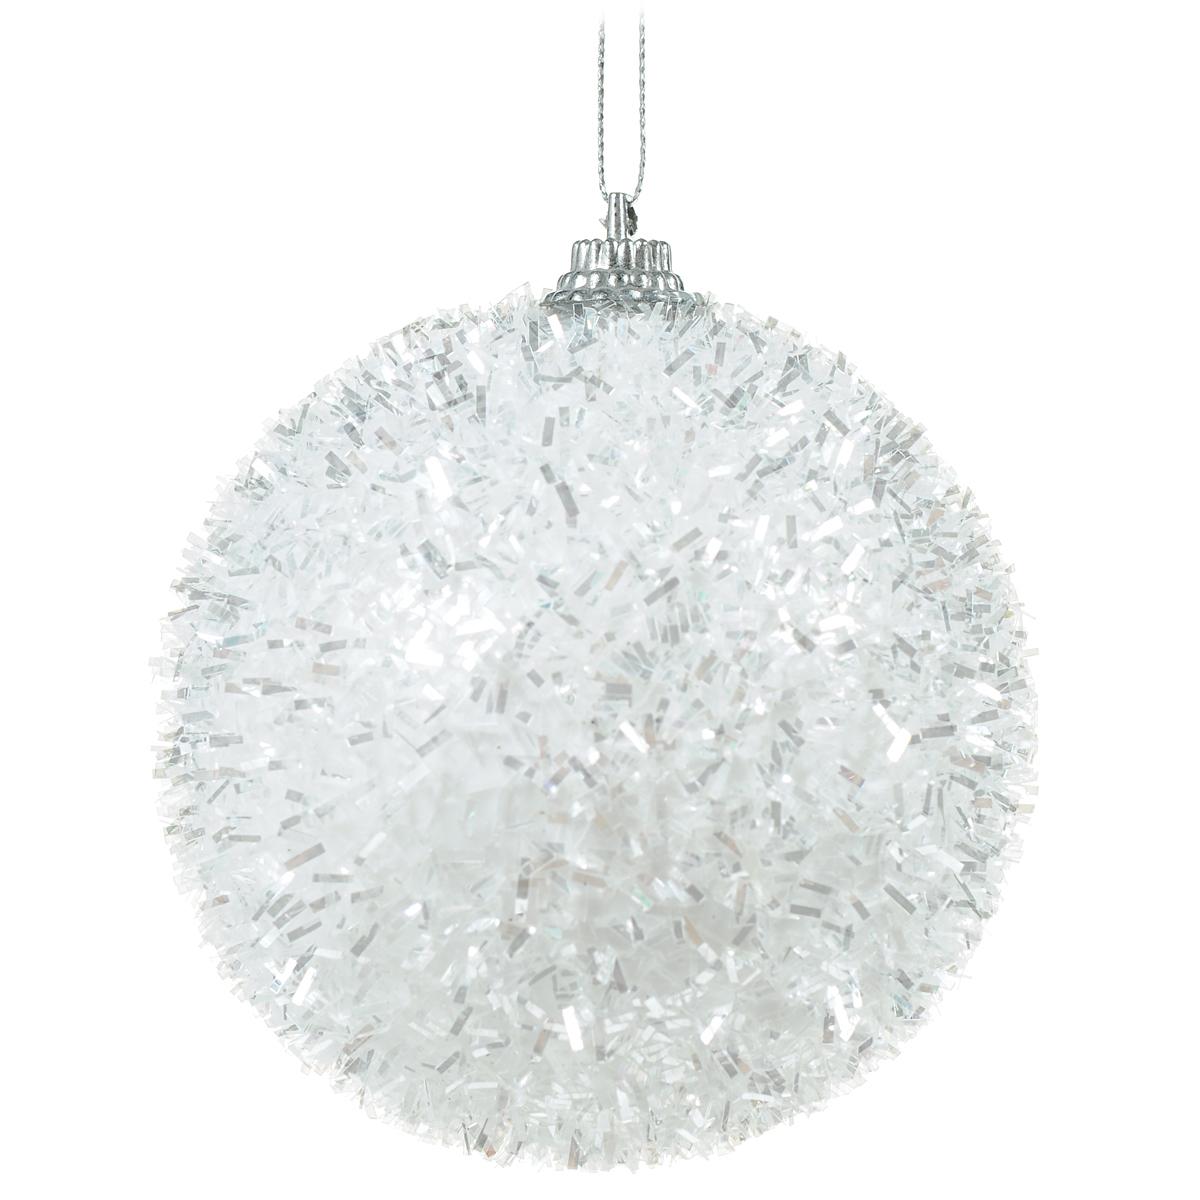 Новогоднее подвесное украшение Шар, цвет: белый. DB130191501-2353Новогоднее подвесное украшение Шар выполнено из высококачественного пенопласта и декорировано мишурой. С помощью специальной текстильной петельки украшение можно повесить в любом понравившемся вам месте. Но, конечно, удачнее всего такой шар будет смотреться на праздничной елке.Елочная игрушка - символ Нового года. Она несет в себе волшебство и красоту праздника. Создайте в своем доме атмосферу веселья и радости, украшая новогоднюю елку нарядными игрушками, которые будут из года в год накапливать теплоту воспоминаний.